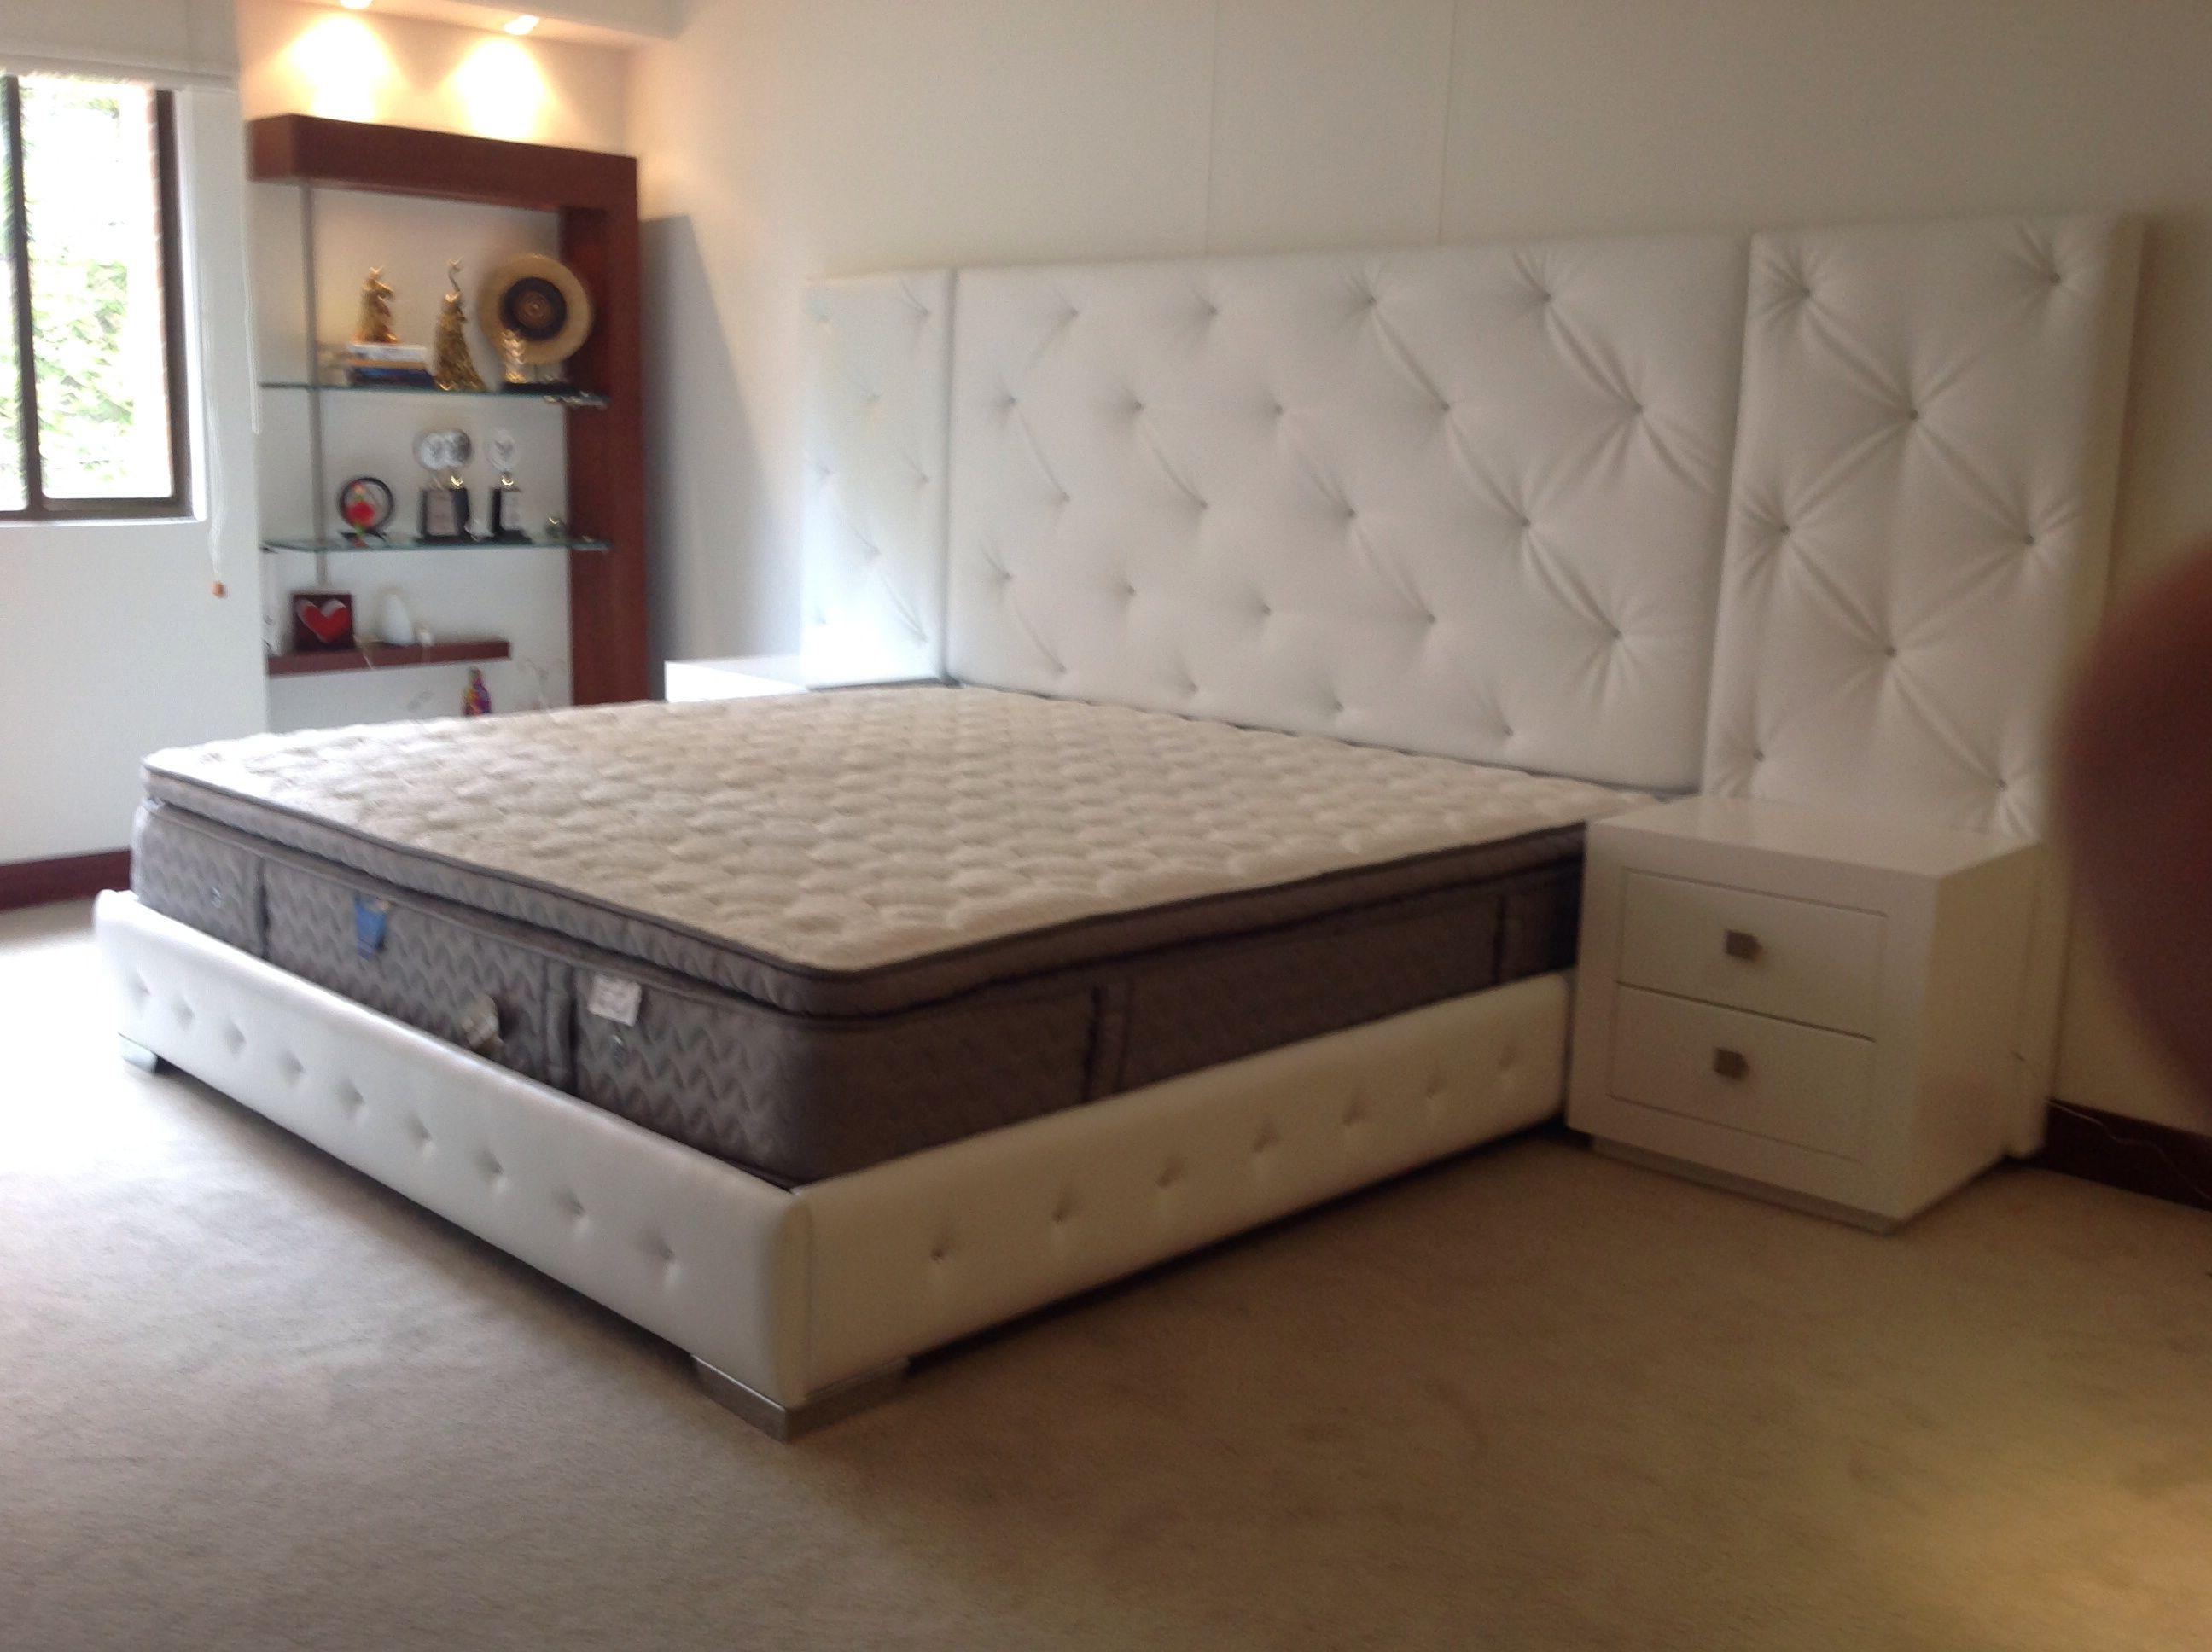 sofa cama bogota colombia next toulouse bed camas modernos  review home decor